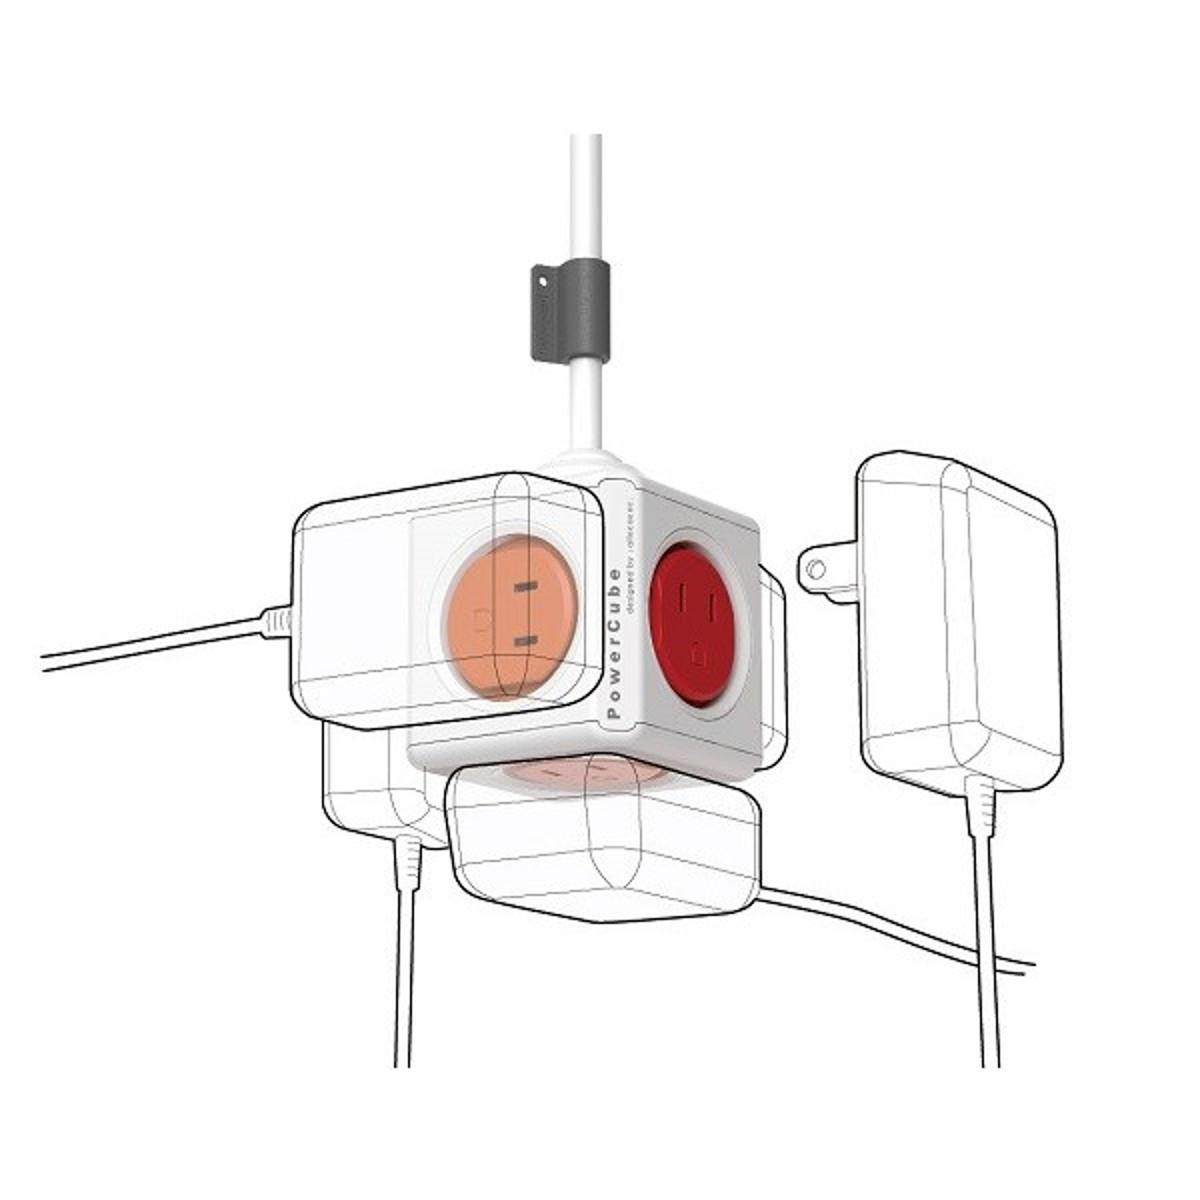 家庭内の電源を「設計」してみる Extended(コード1.5m / USBポートなし)- 必要なコンセント口数を決めることができ省スペース化可能なキューブ型電源タップ